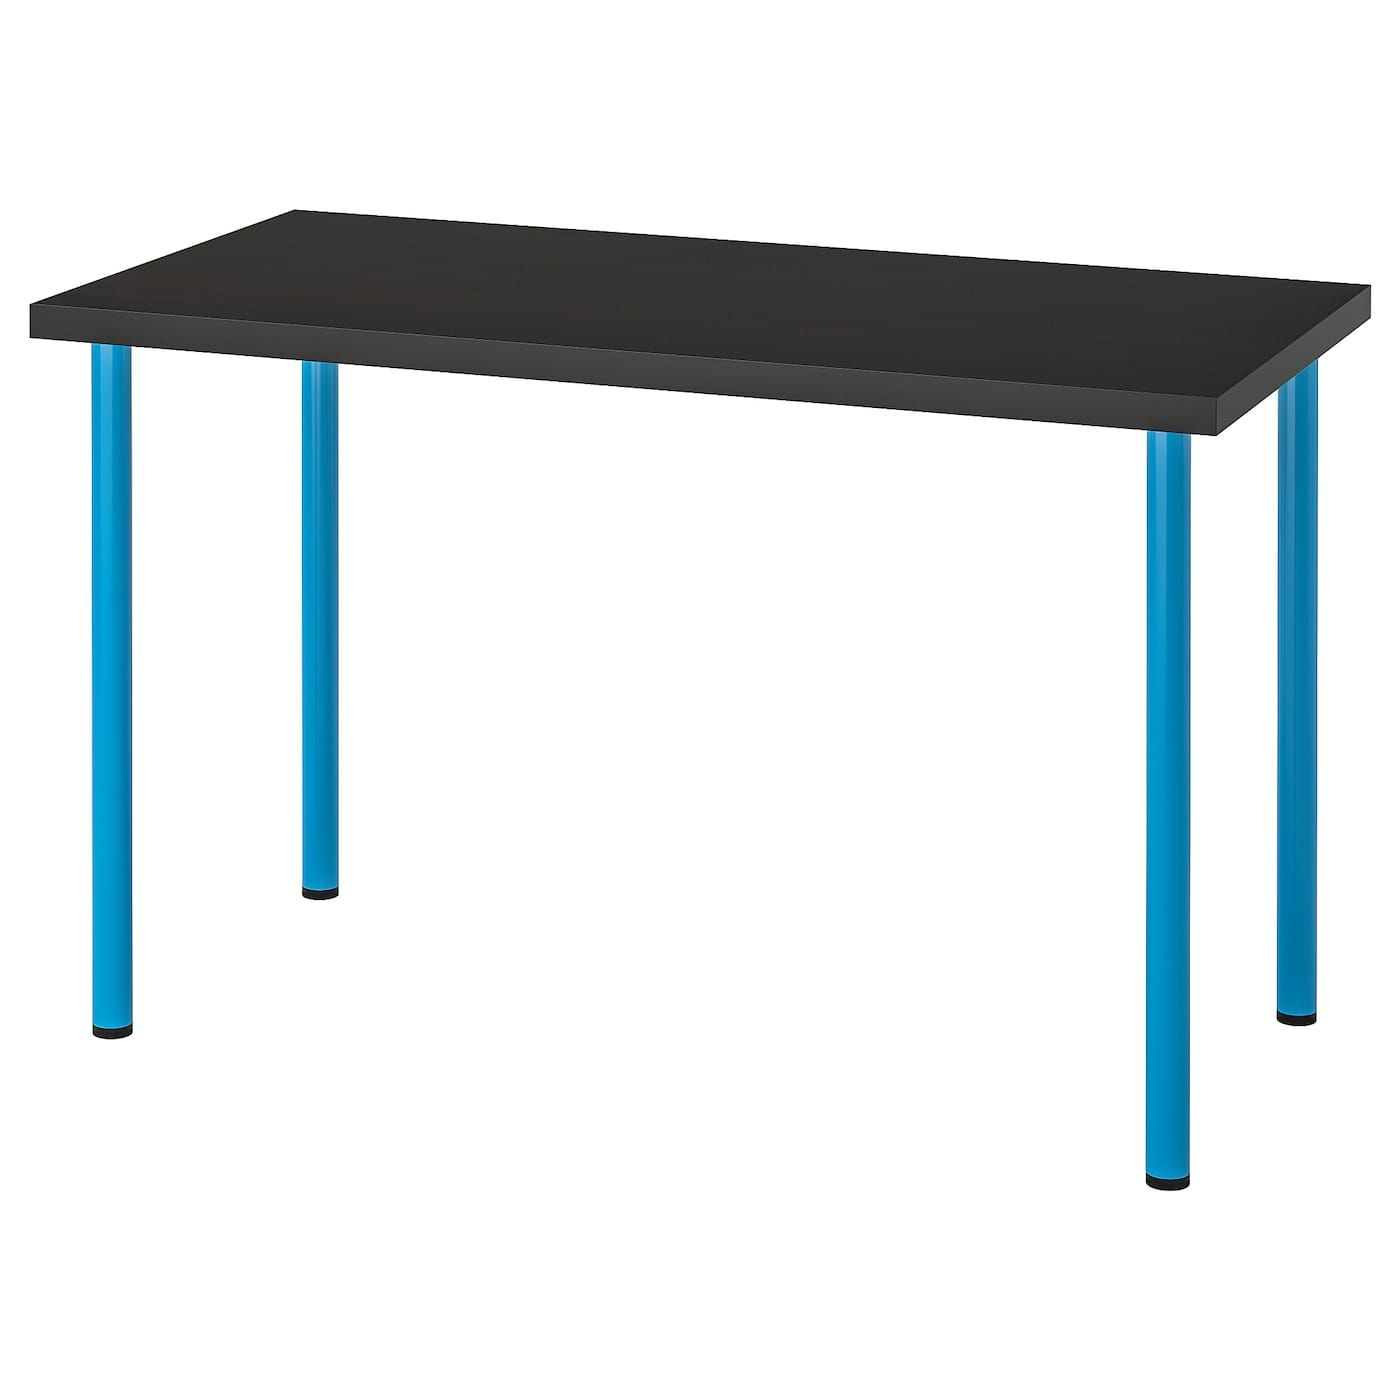 Linnmon Adils Tisch Schwarzbraun Blau Ikea Osterreich Ikea Linnmon Ikea Und Schwarzbraun